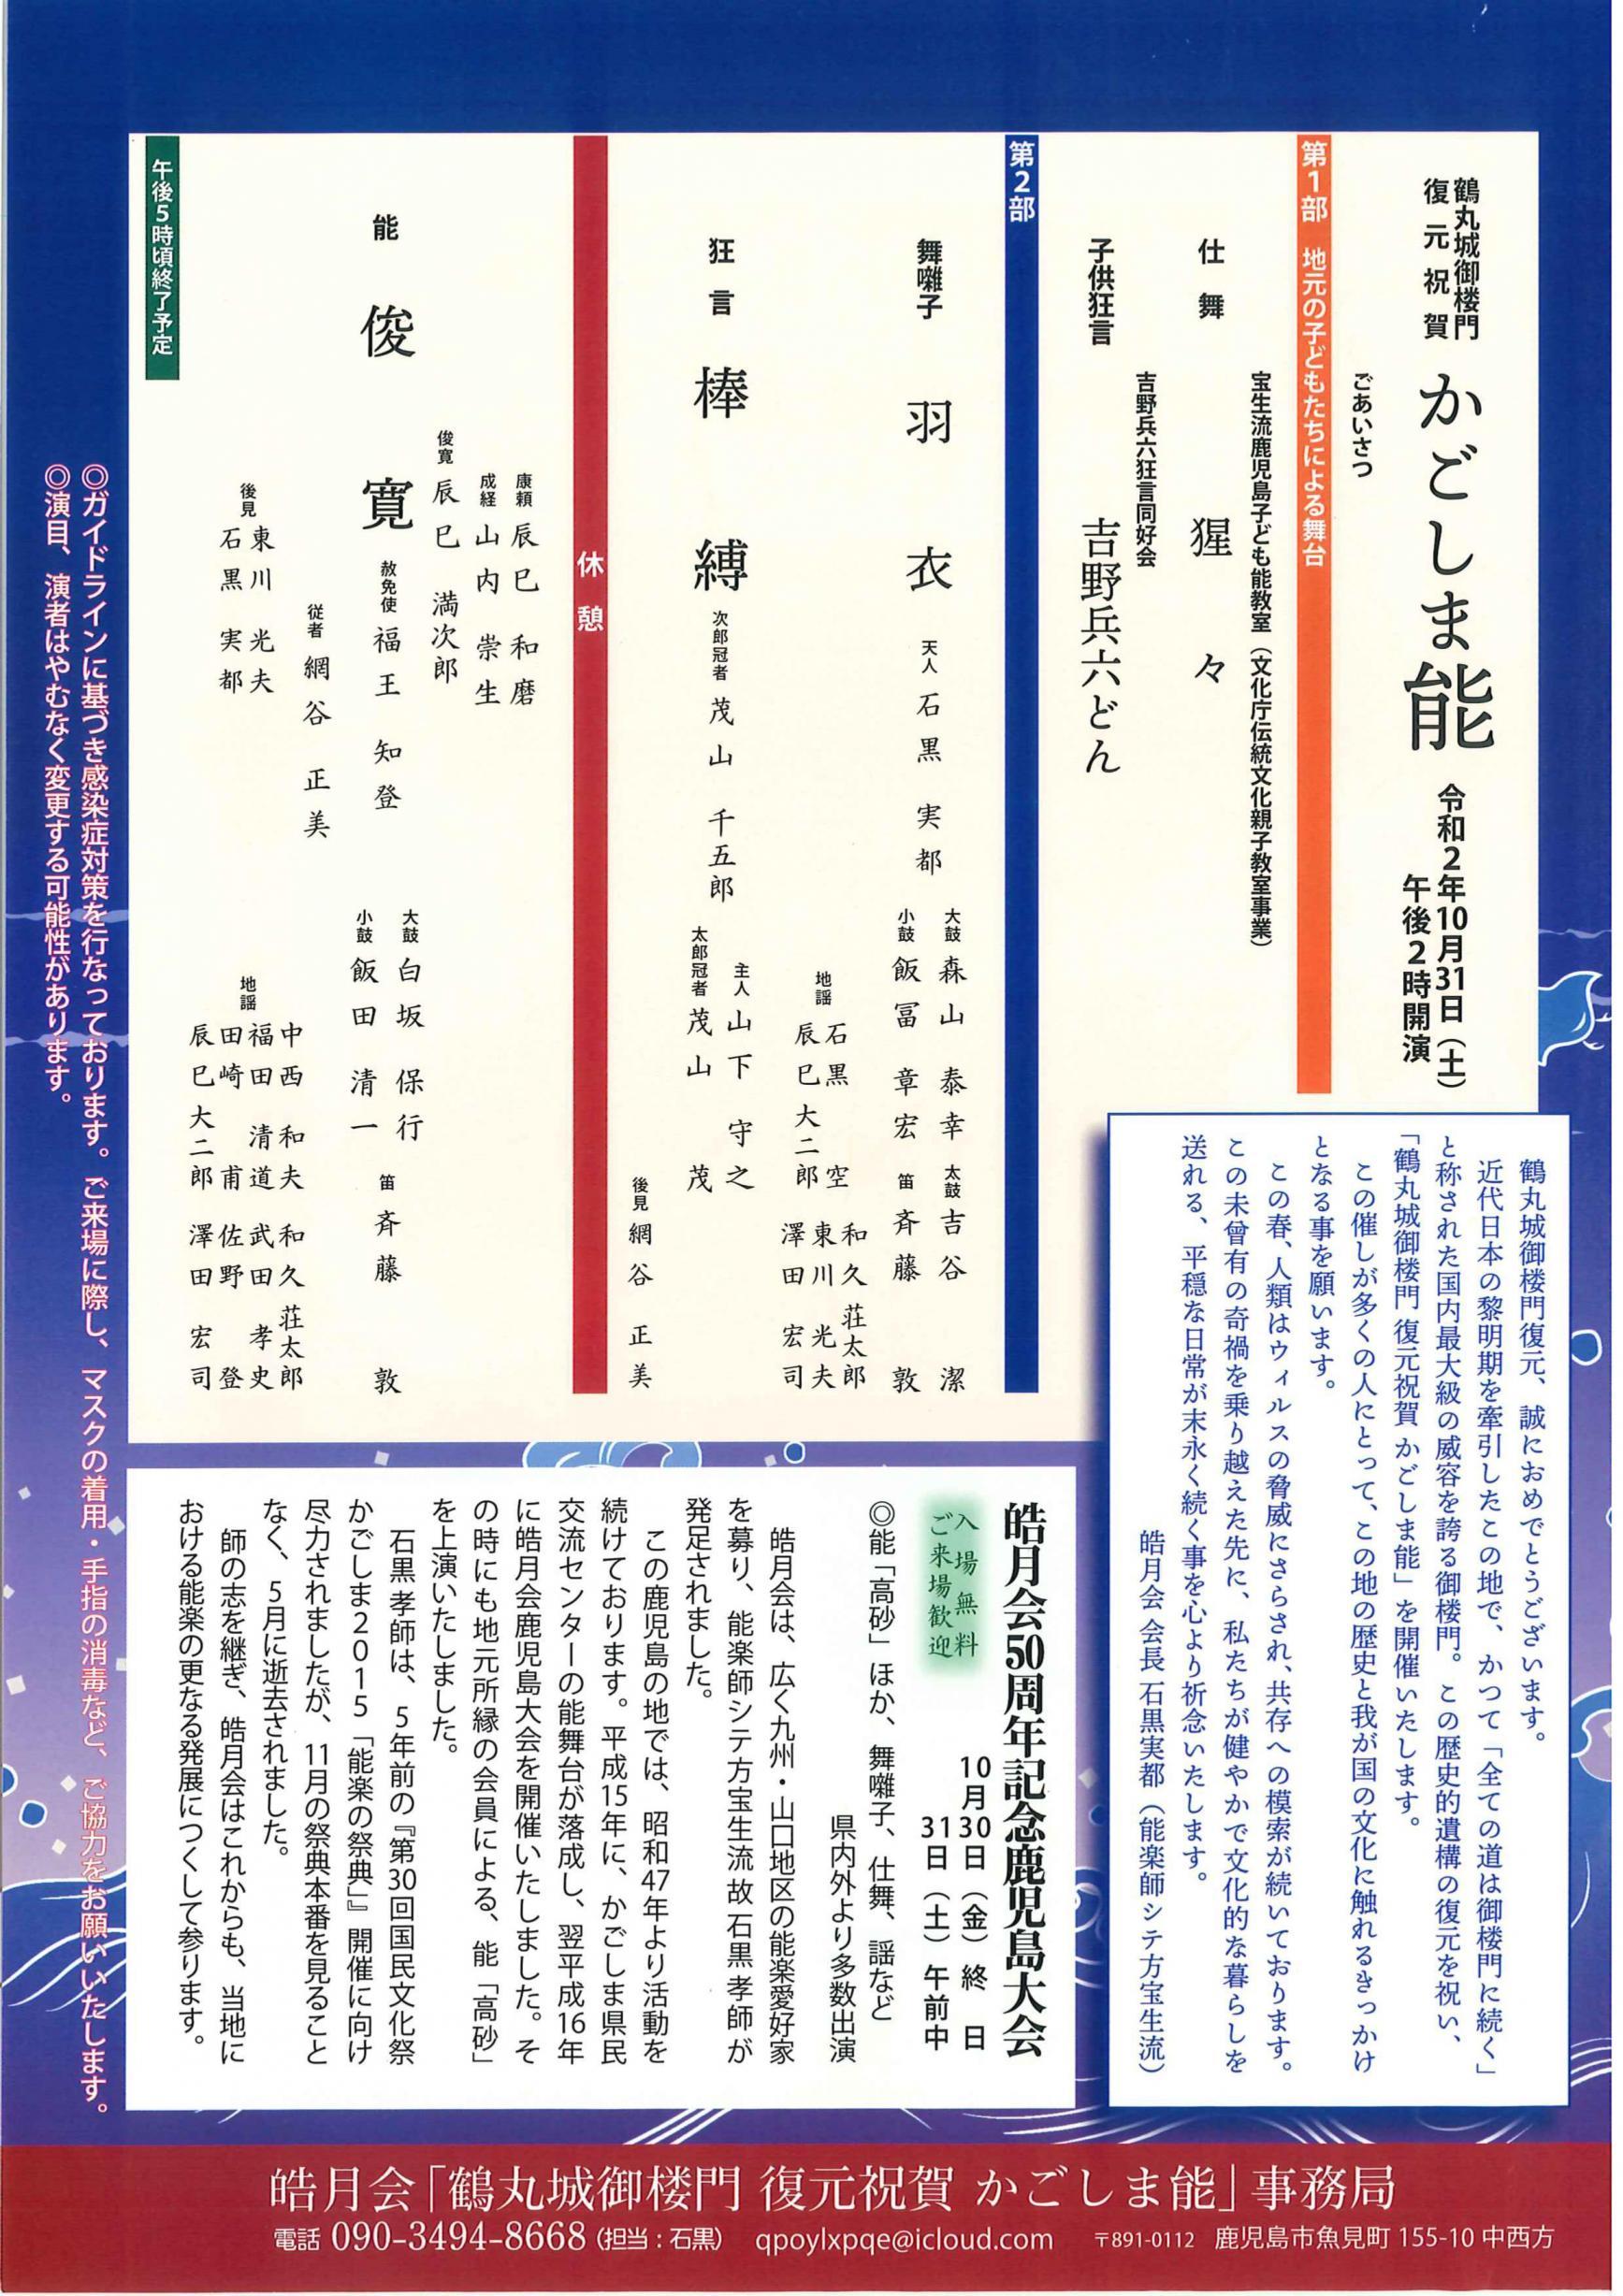 鶴丸城御楼門 復元祝賀 かごしま能-2